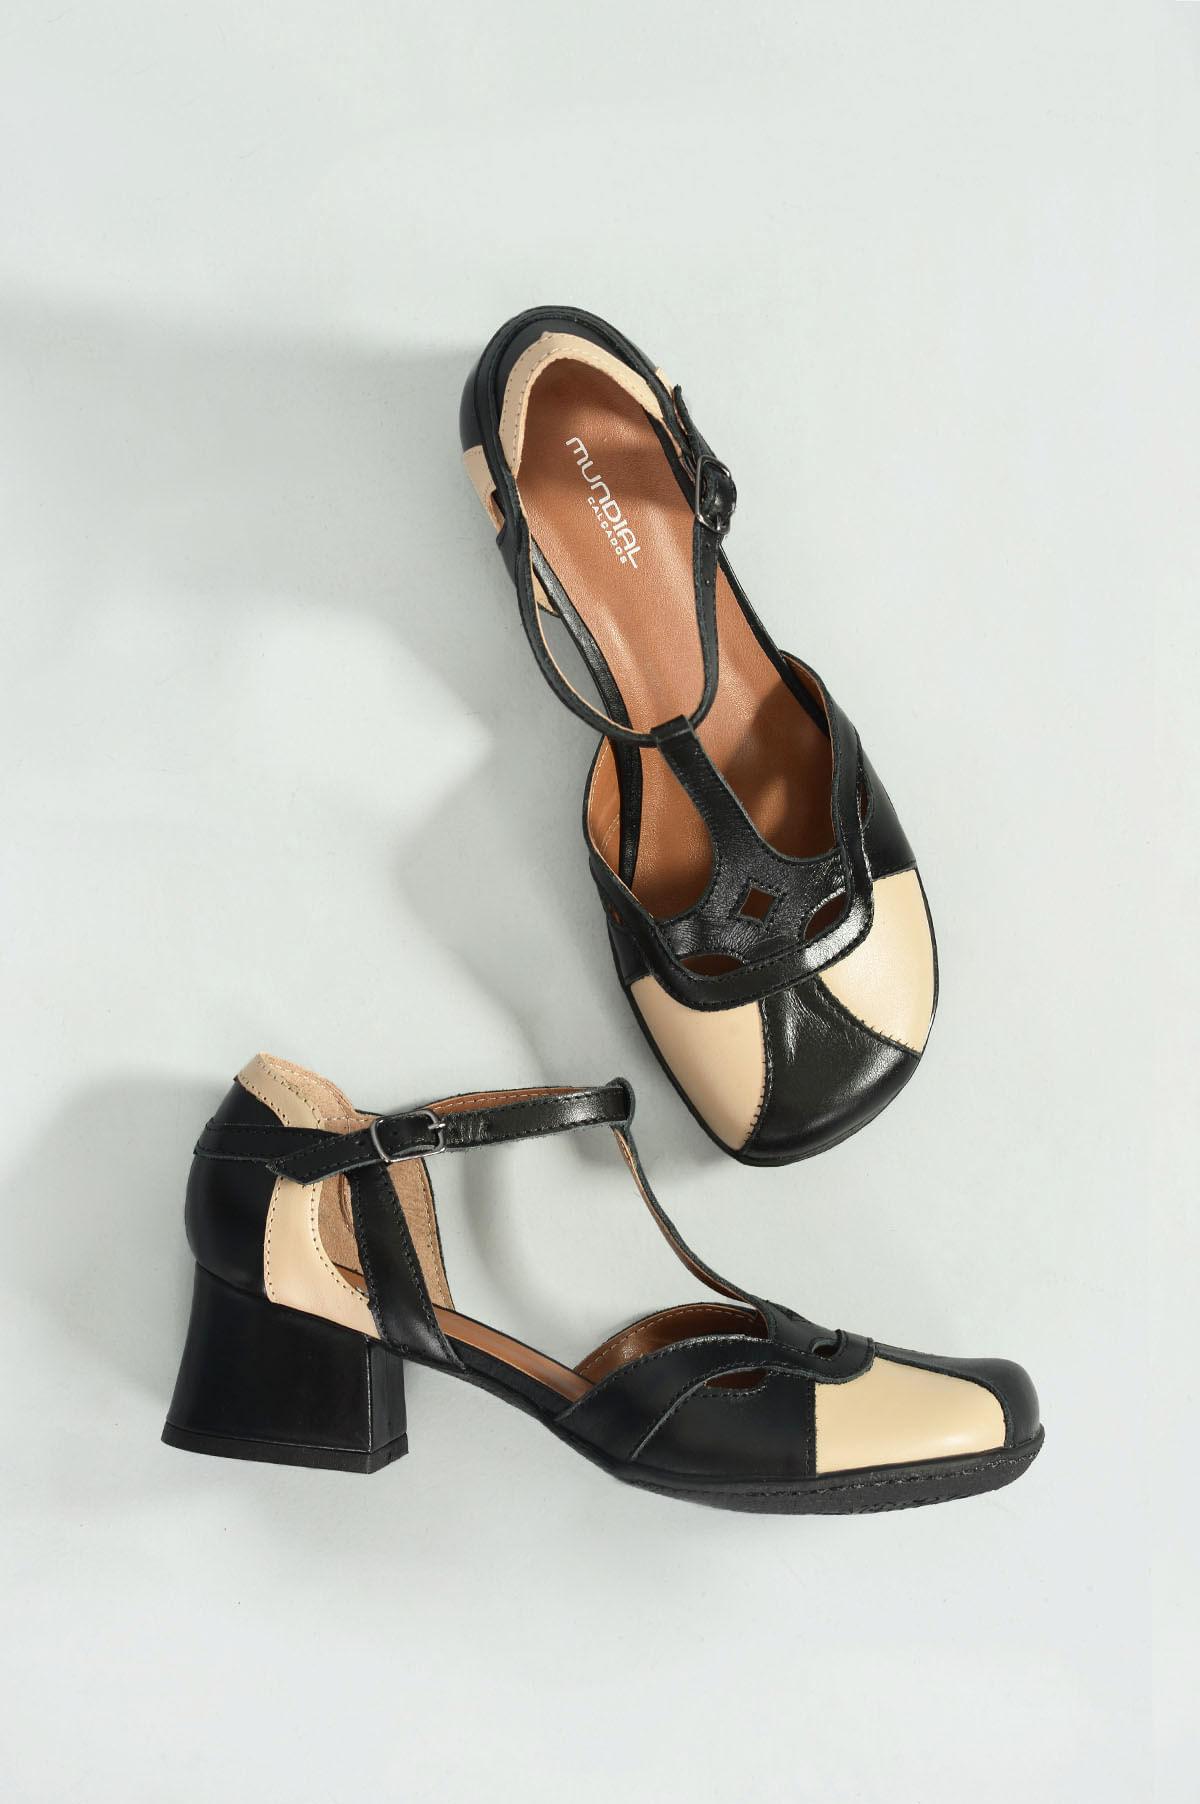 7a903f06e3 Sapato Feminino Salto Médio Maneva Mundial CR-PRETO - Mundial Calçados